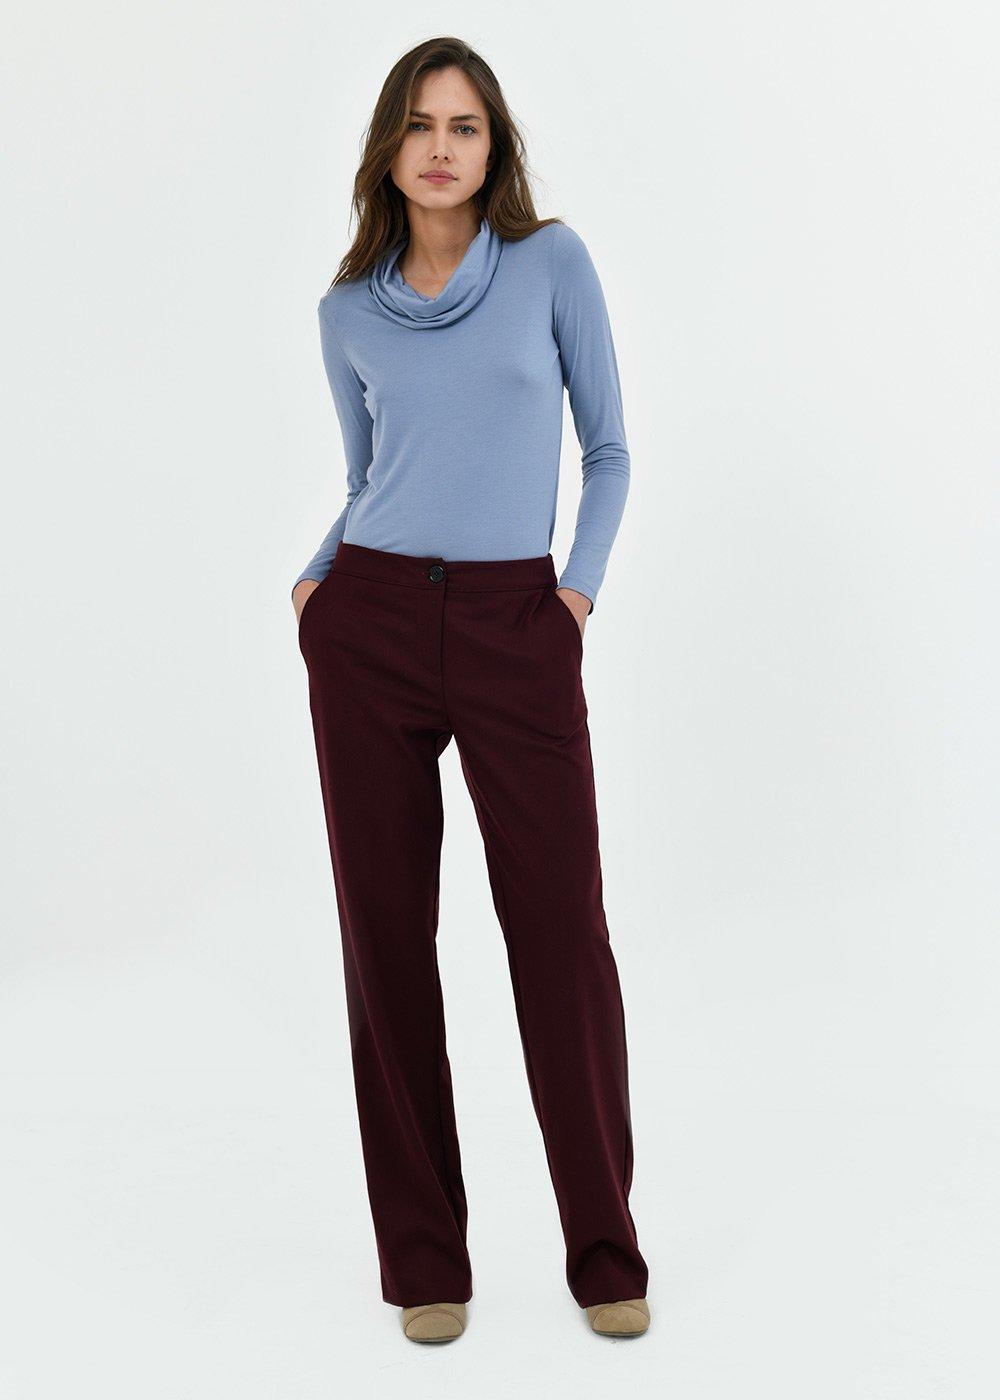 Pantalone Clair colore uva - Uva - Donna